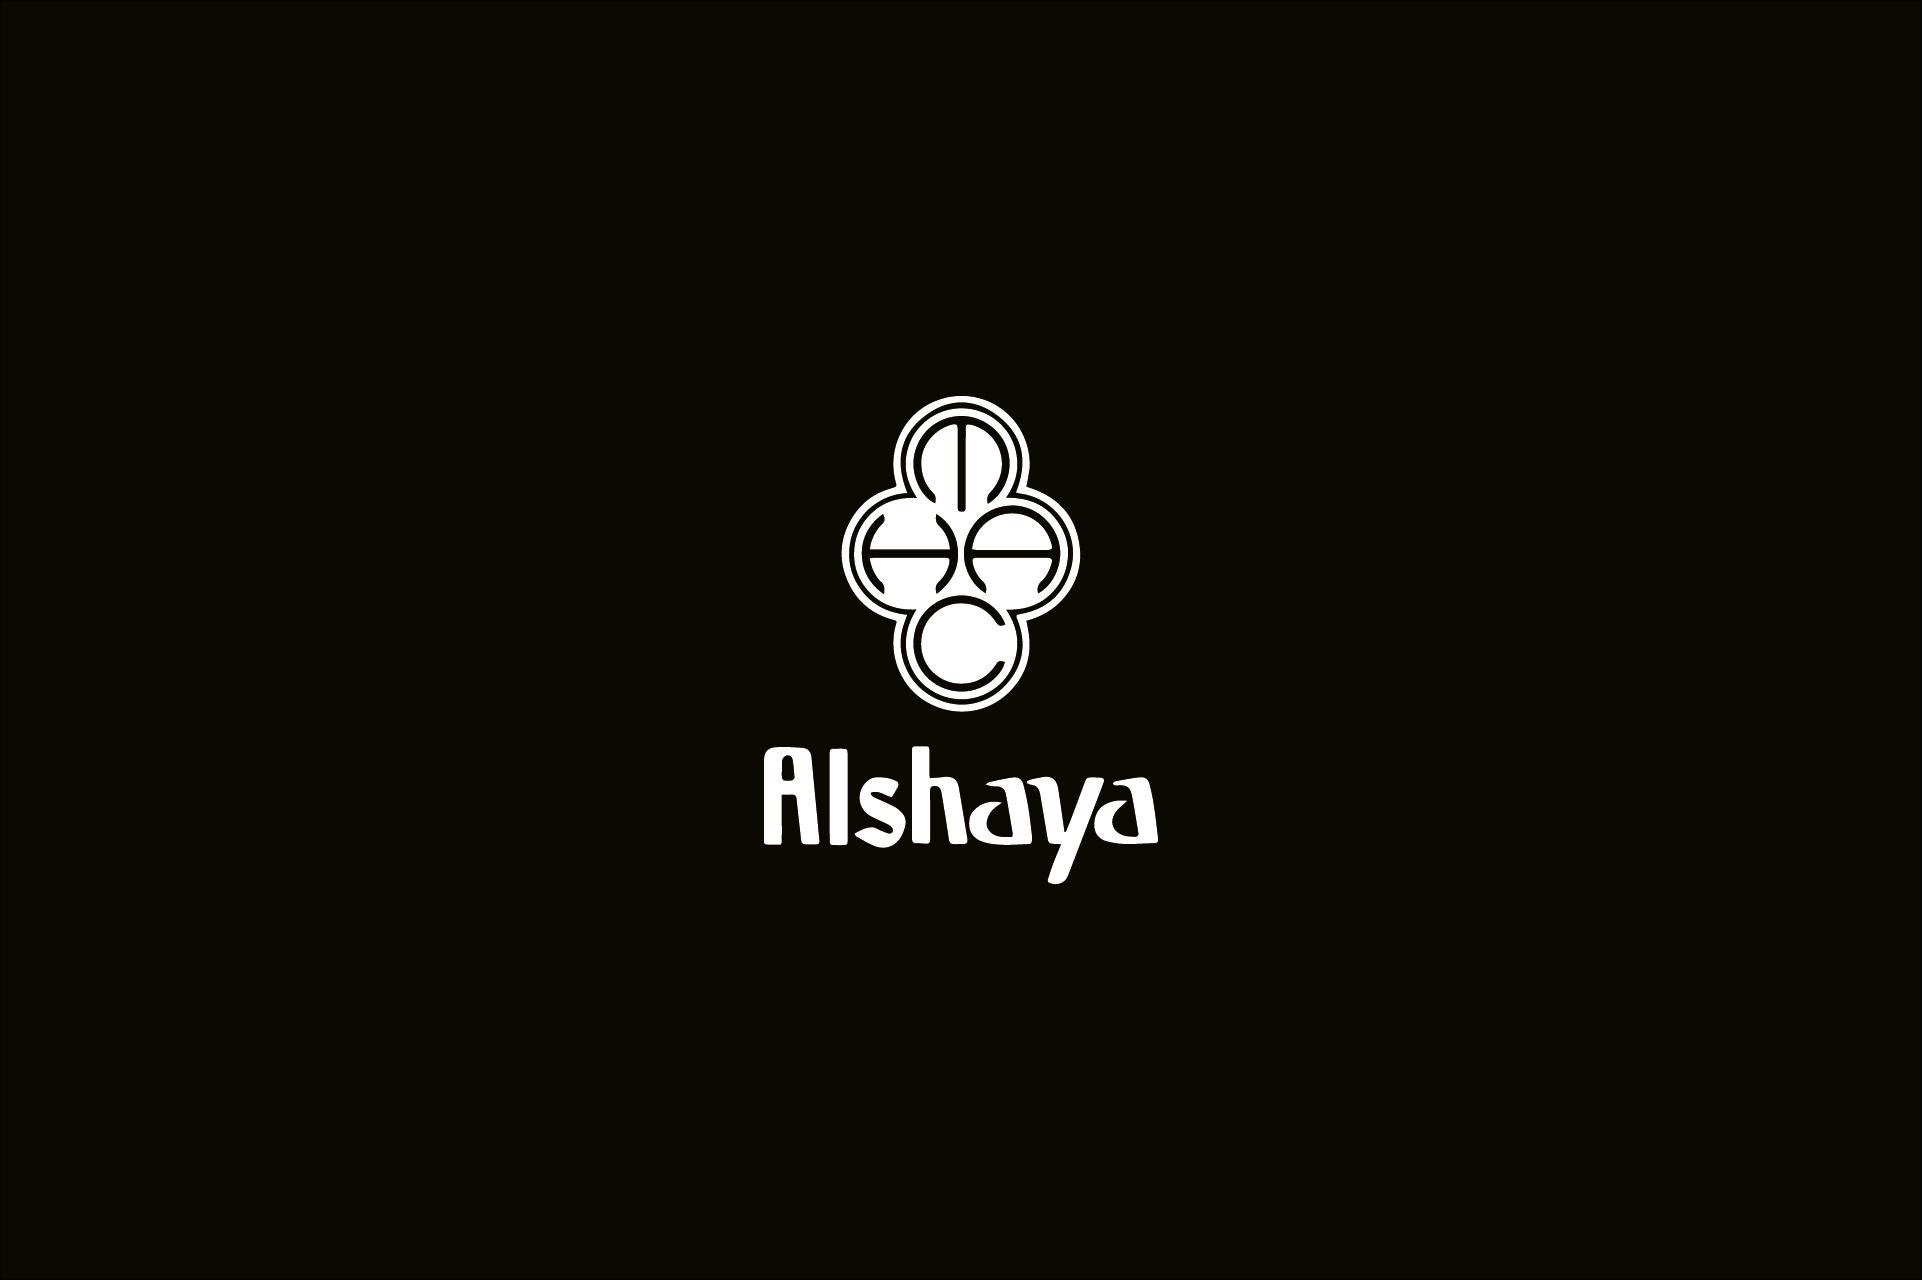 Alshaya